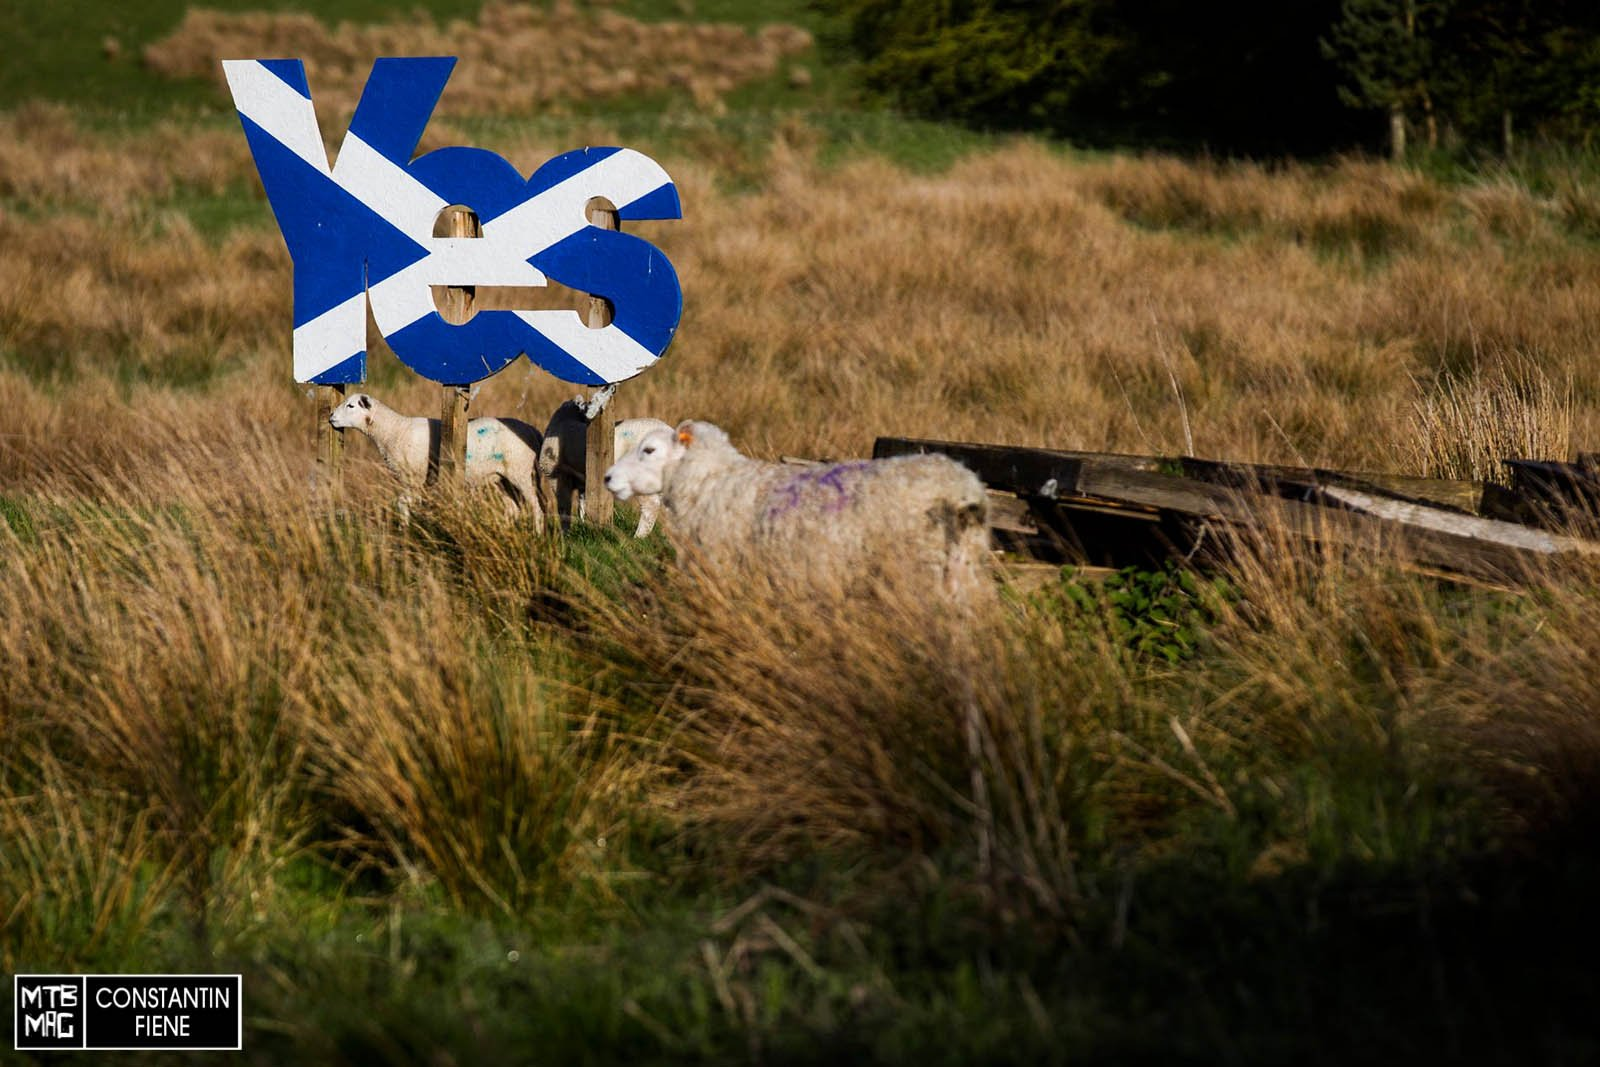 Siamo in Scozia. Non si vede il whisky, ma da qualche parte c'è anche quello